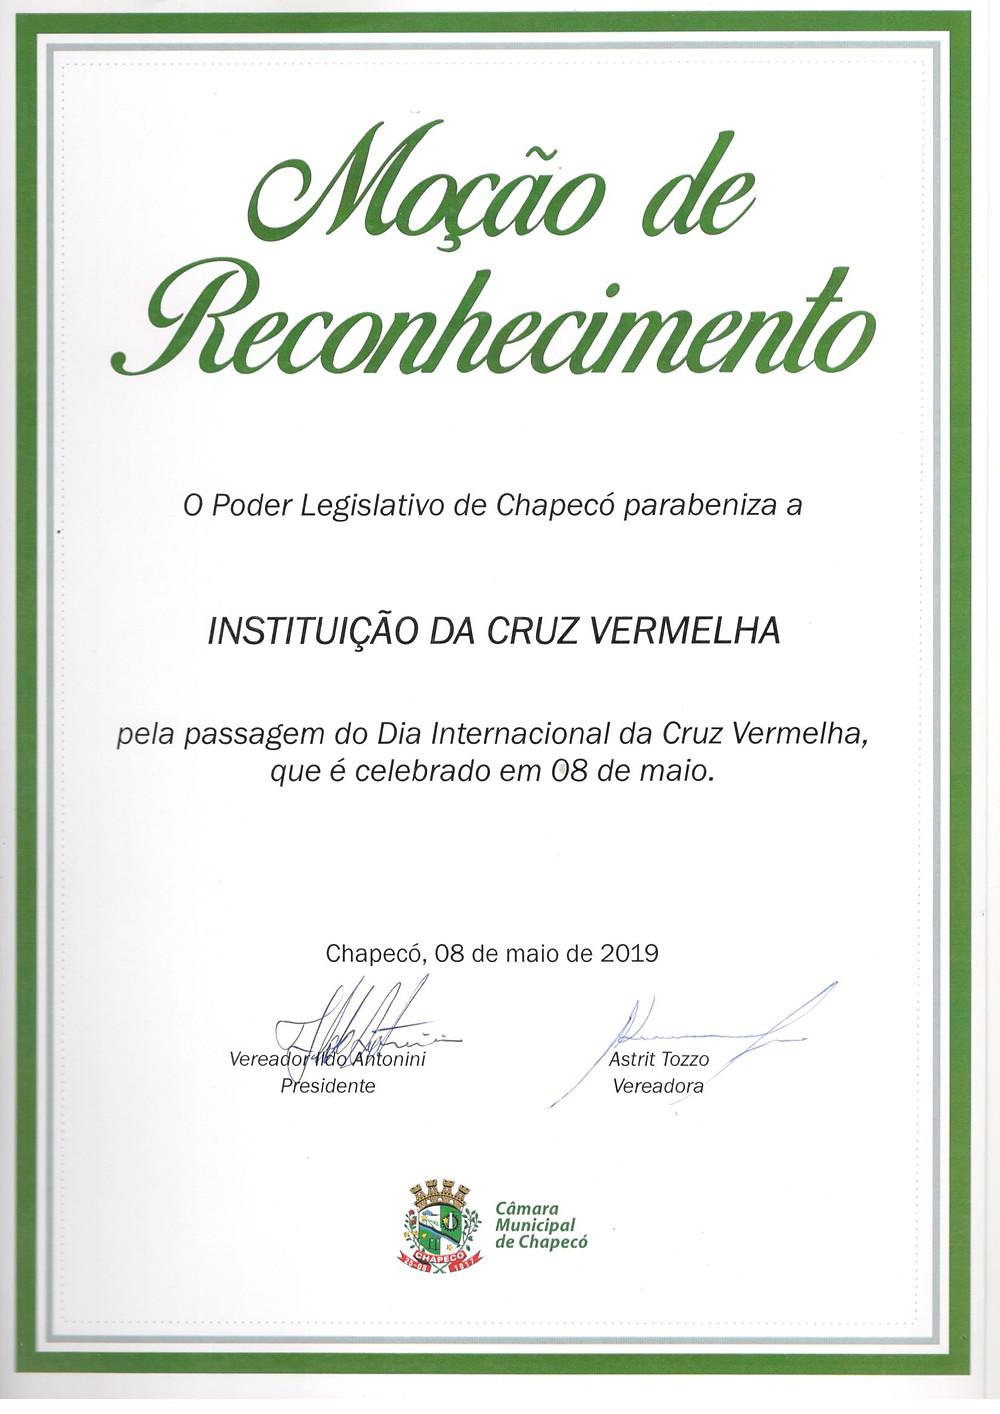 CVB Chapecó recebe Moção de Reconhecimento do poder Legislativo